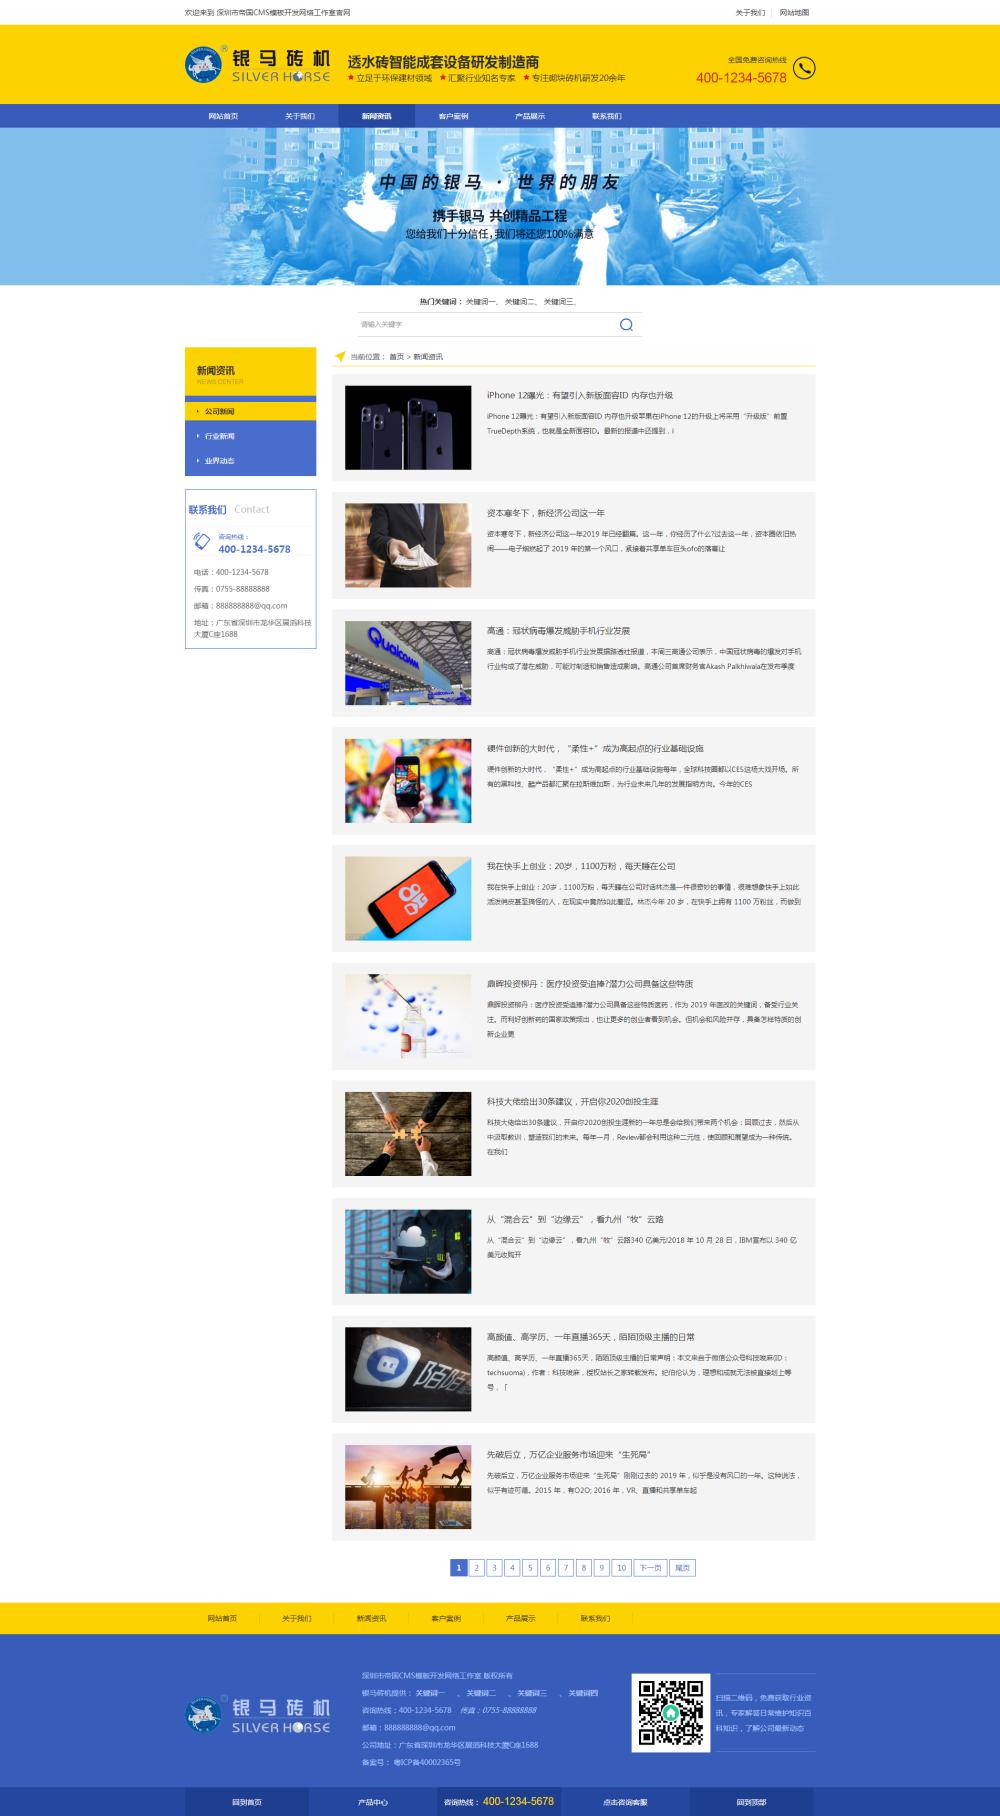 3新闻资讯.png [DG-0136]帝国CMS透水砖制砖机机械设备自适应模板 响应式蓝色机械设备帝国网站整站源码 企业模板 第3张